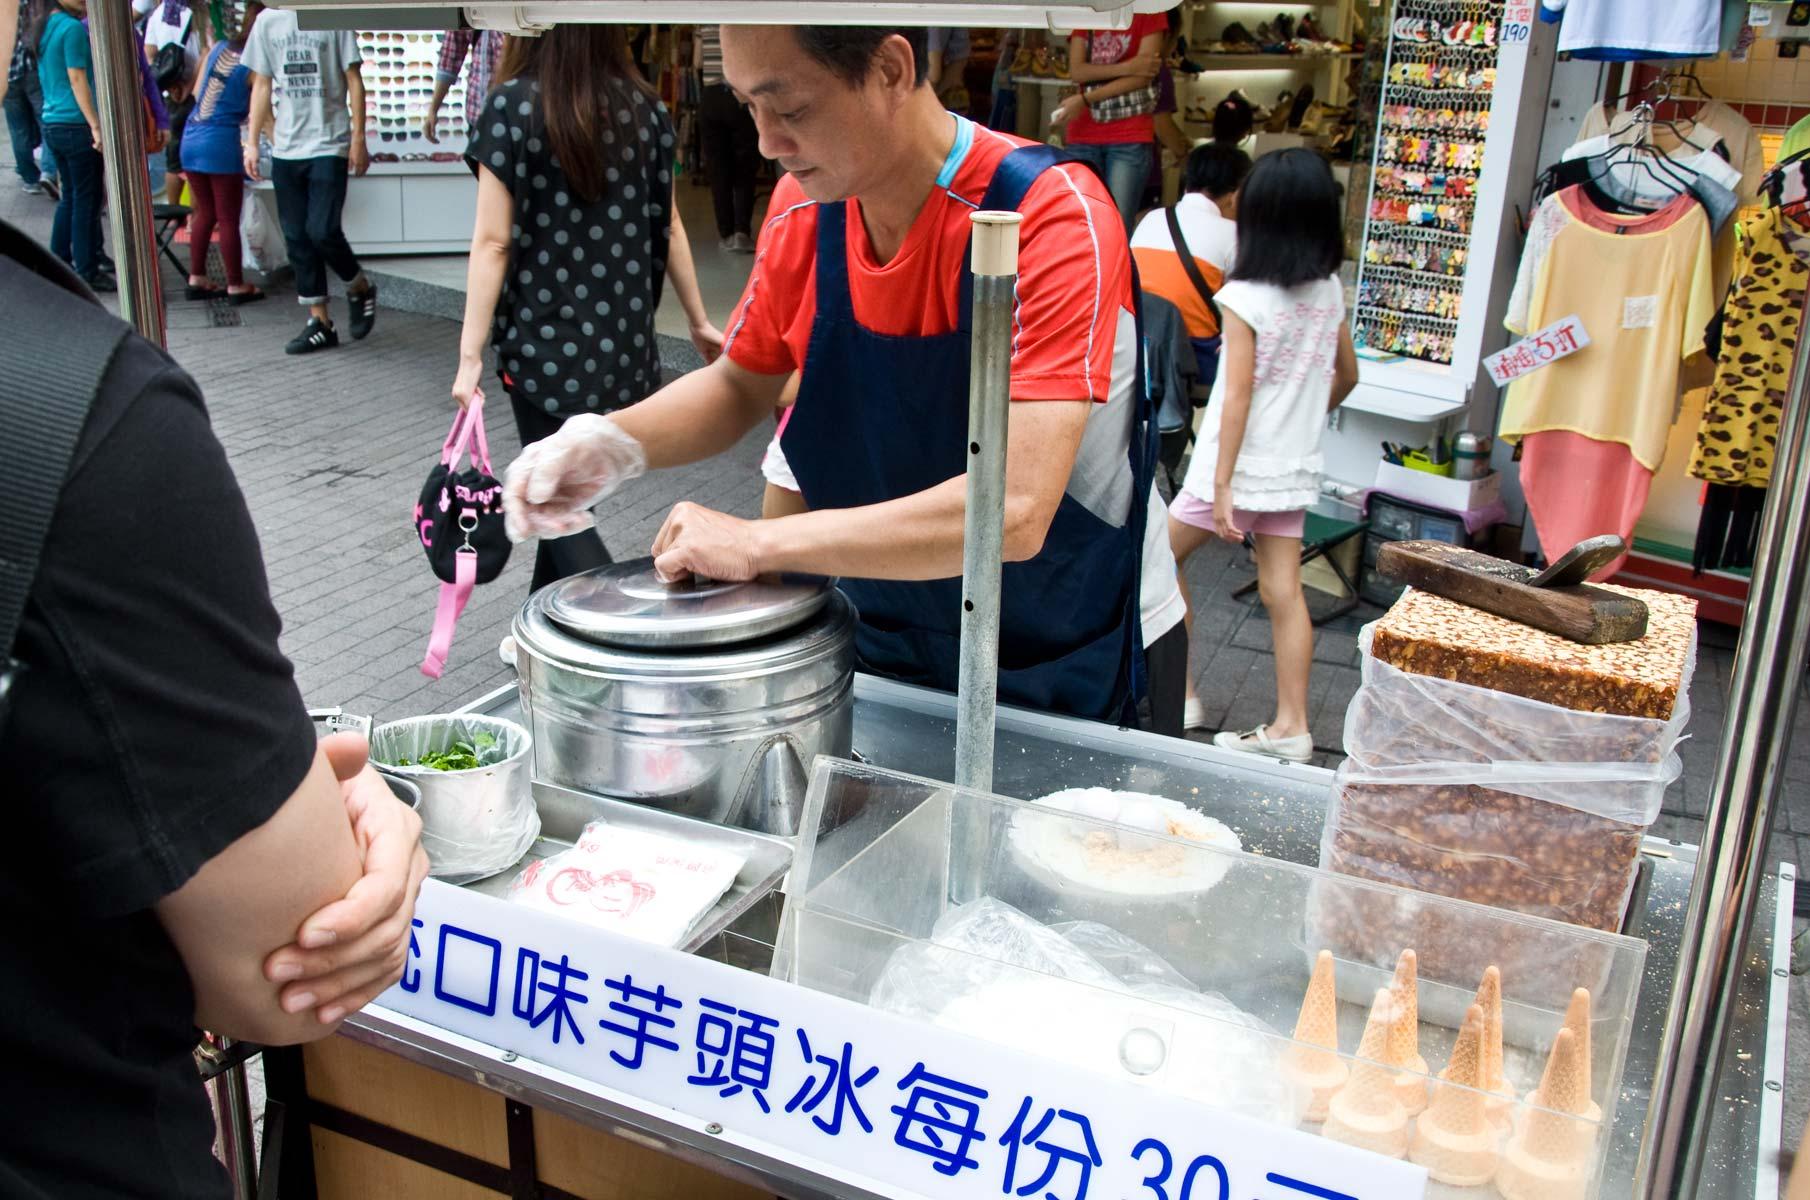 Erdnuss Eiscreme Street im Vergnügungsviertel Ximending in Taipei, Taiwan